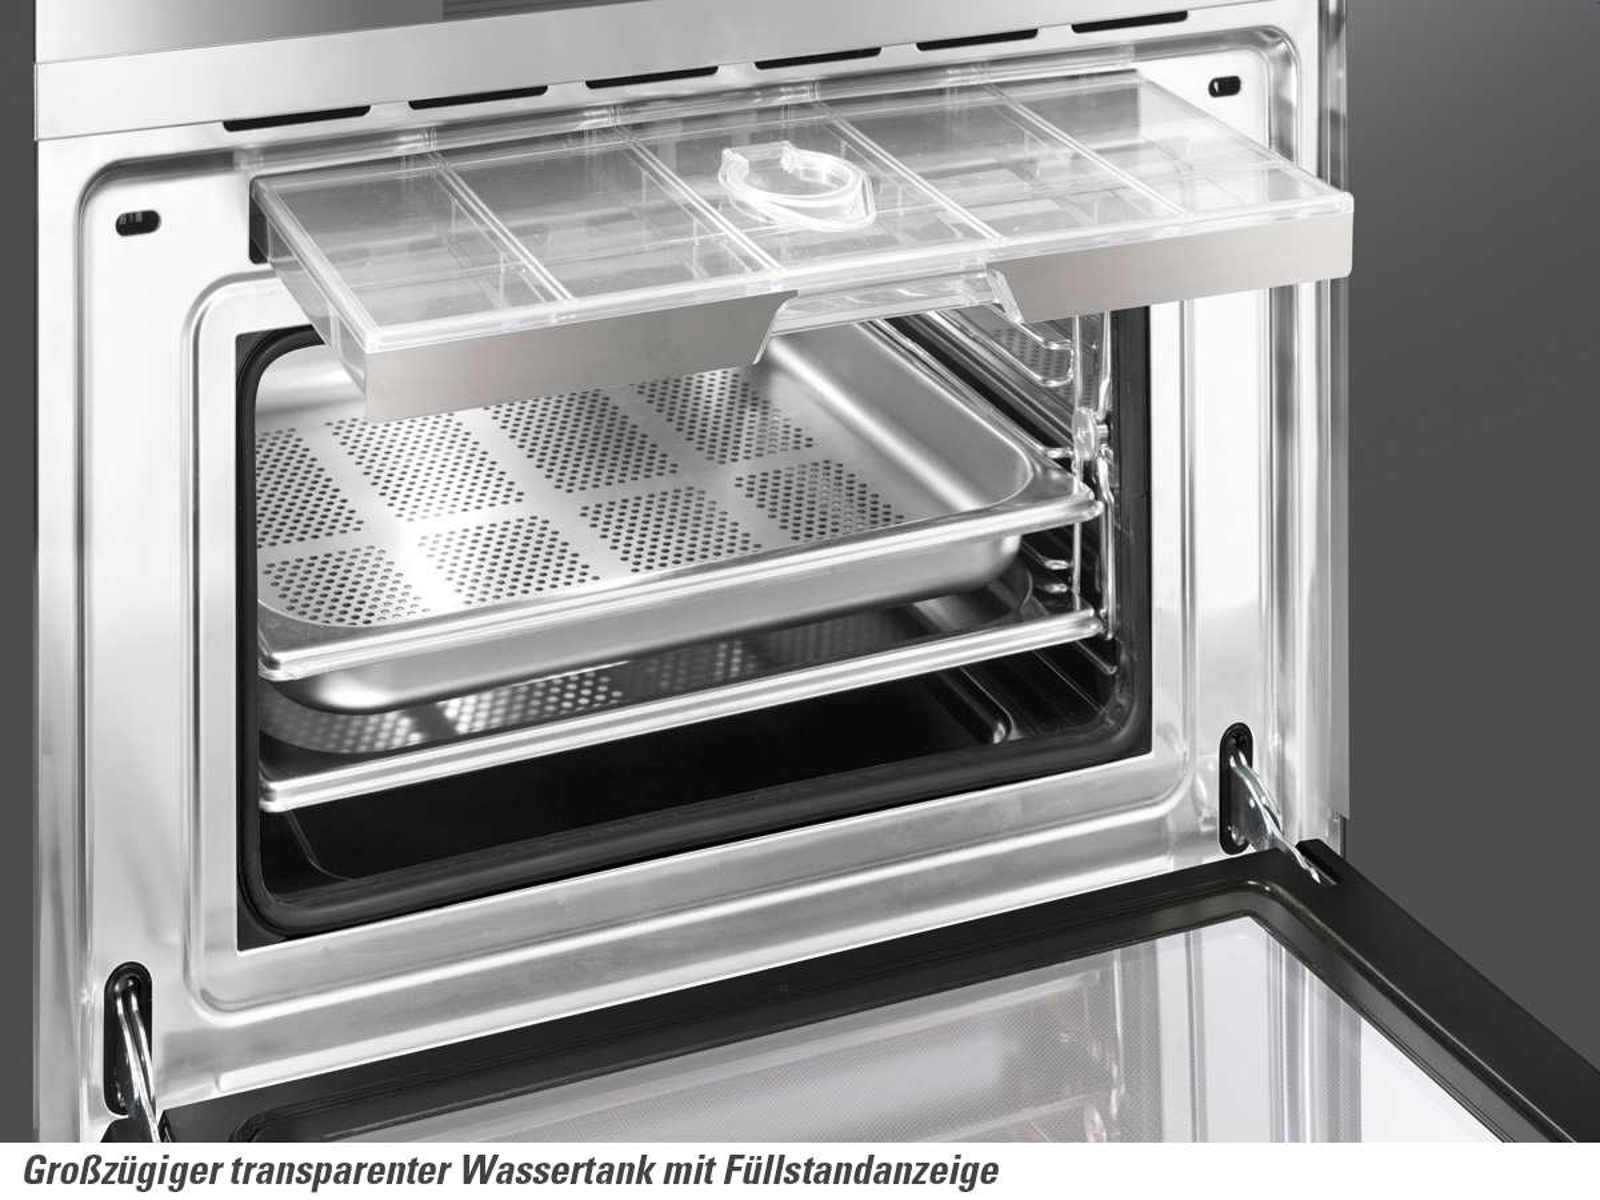 Smeg s45vx2 kompakt dampfgarer edelstahl fur 113900 eur for Dampfgarer edelstahl